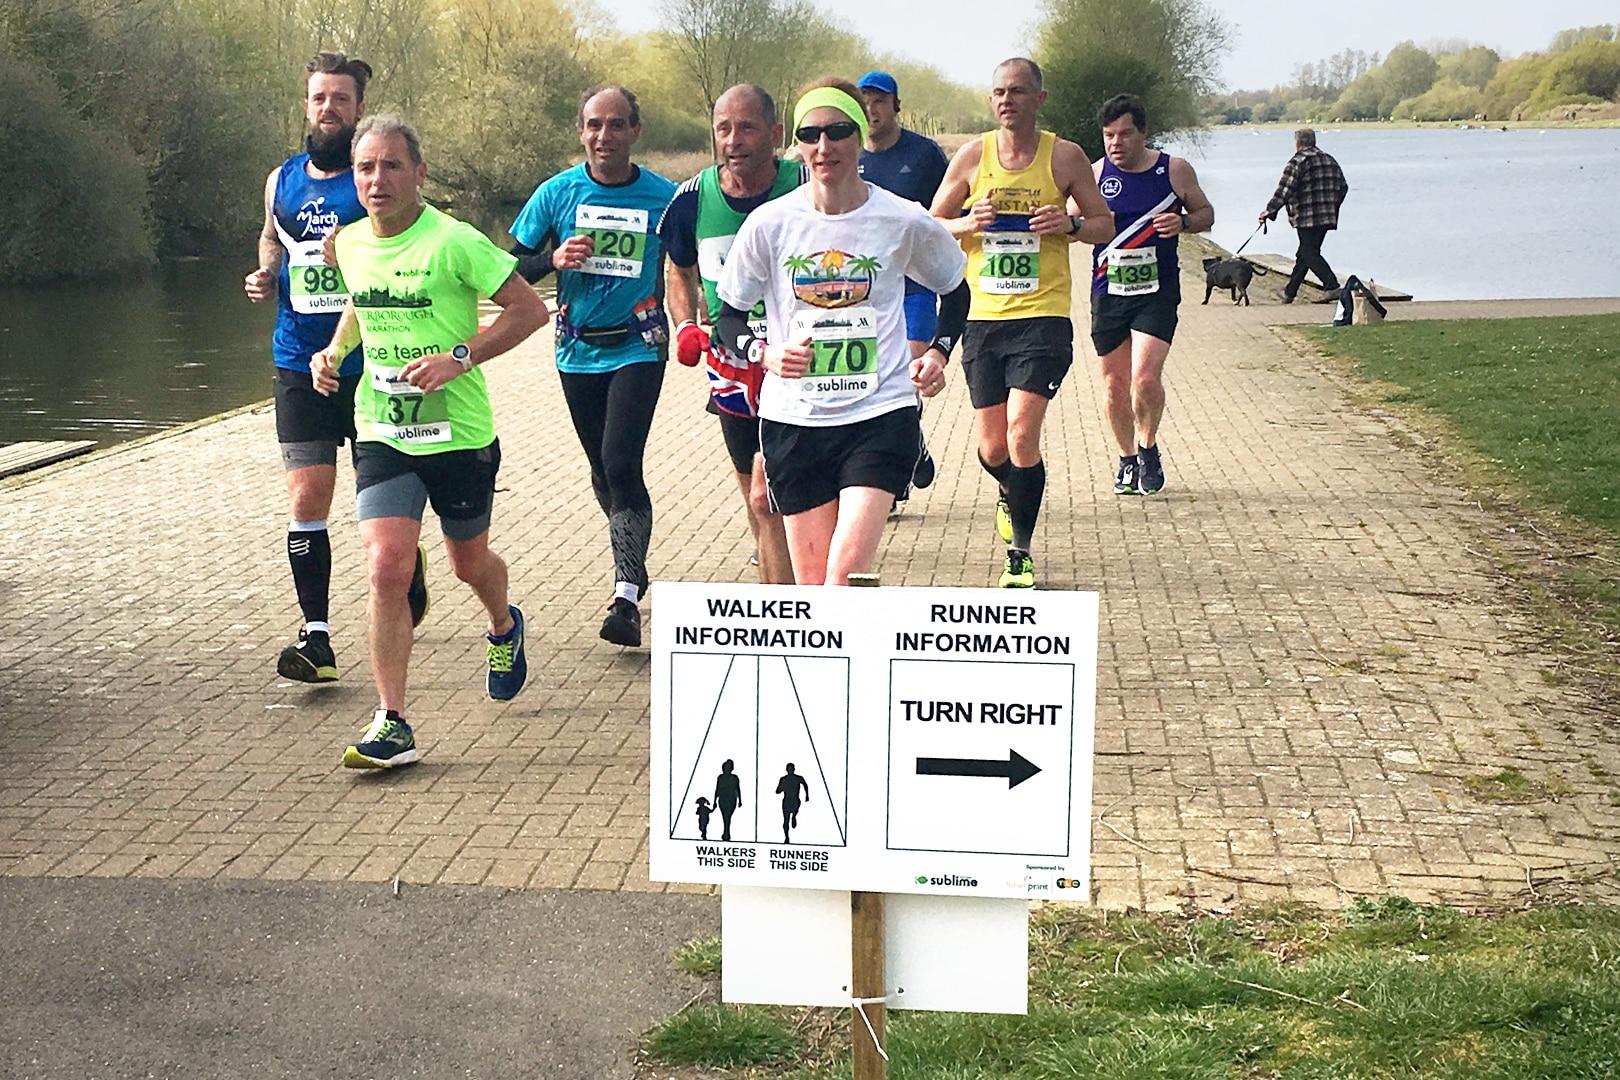 Marathon signs